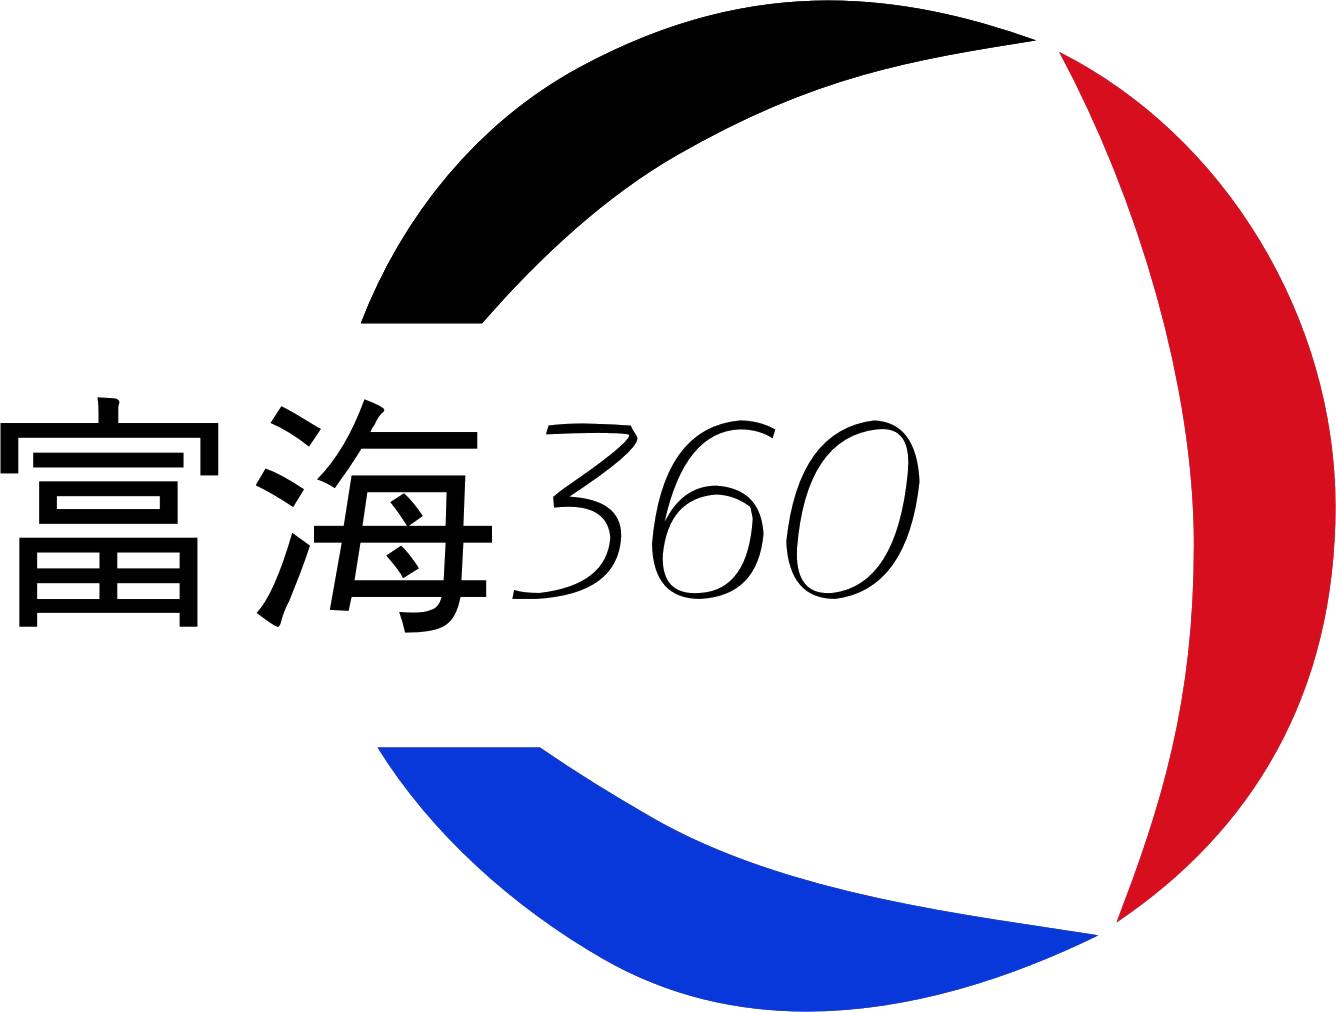 成人电影网网站推广如何留住客户,且听成人电影网富海360代理商分析